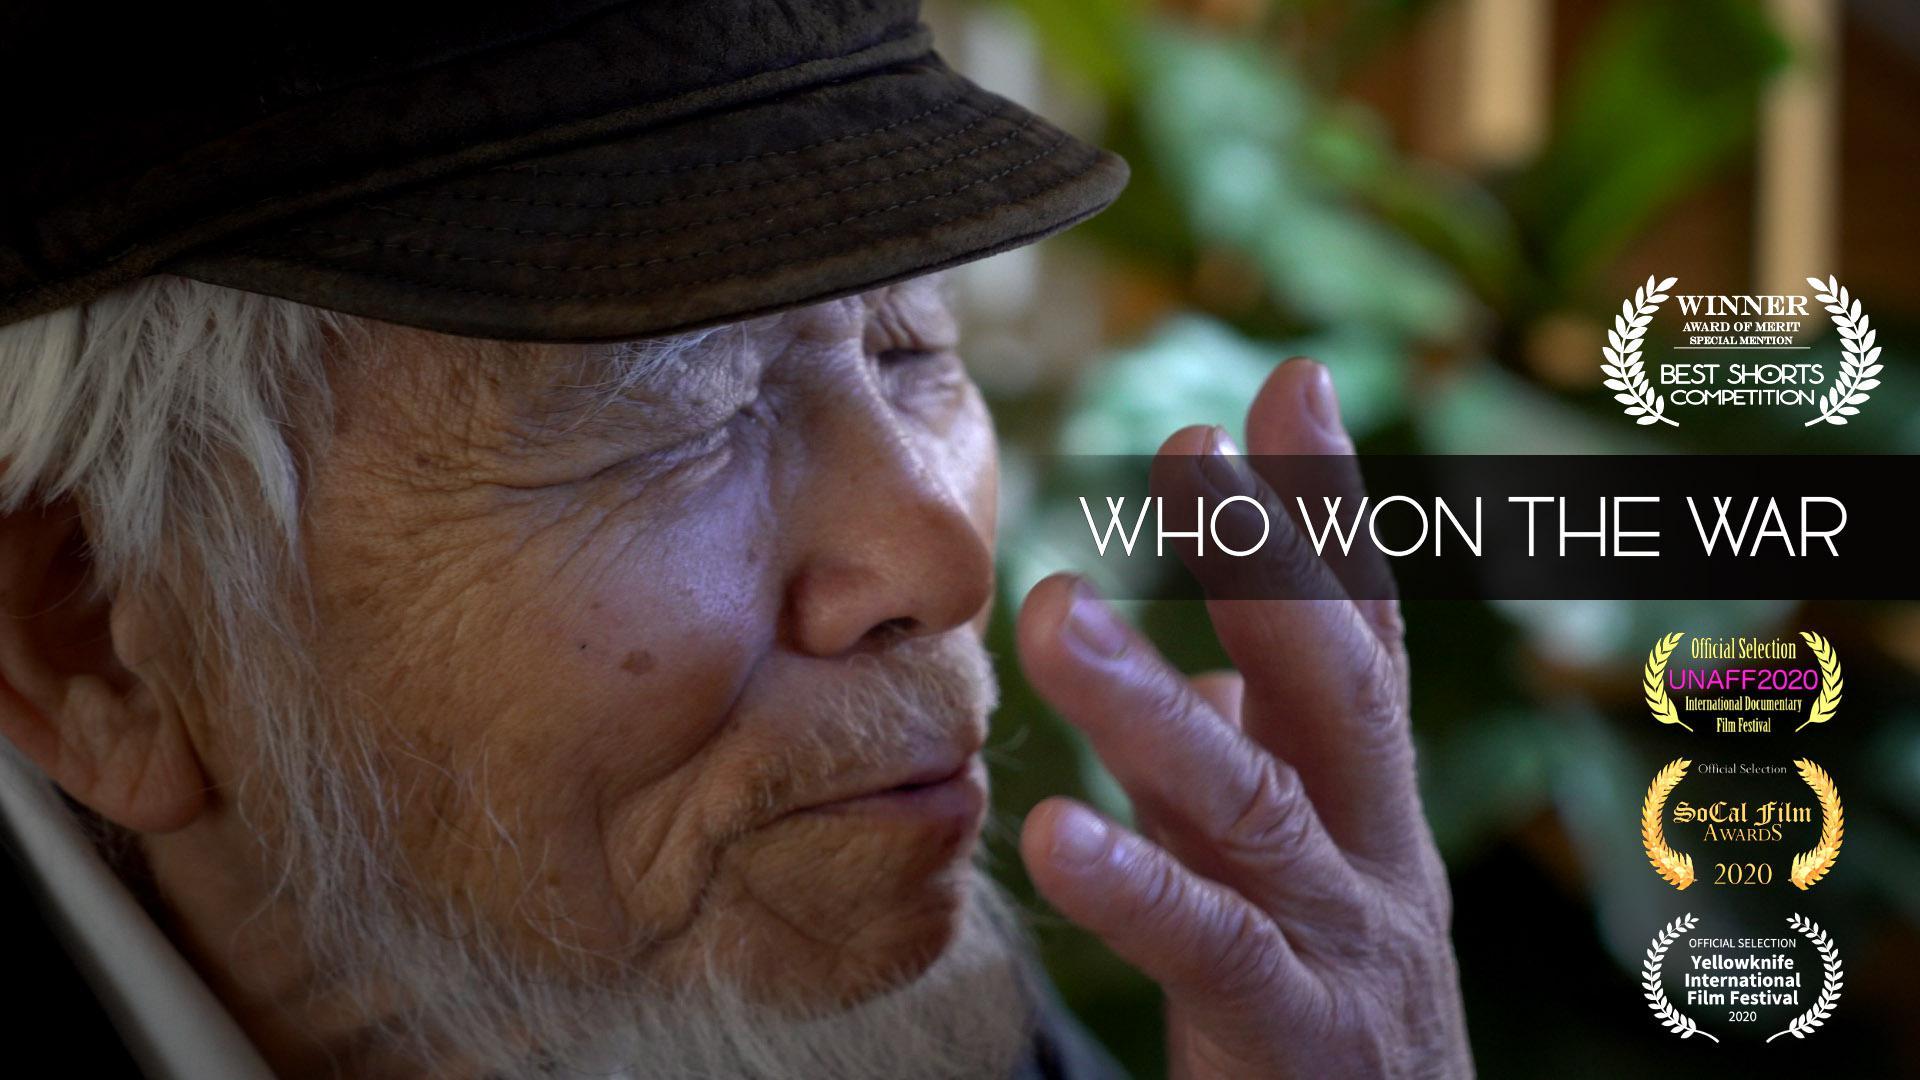 Who Won the War